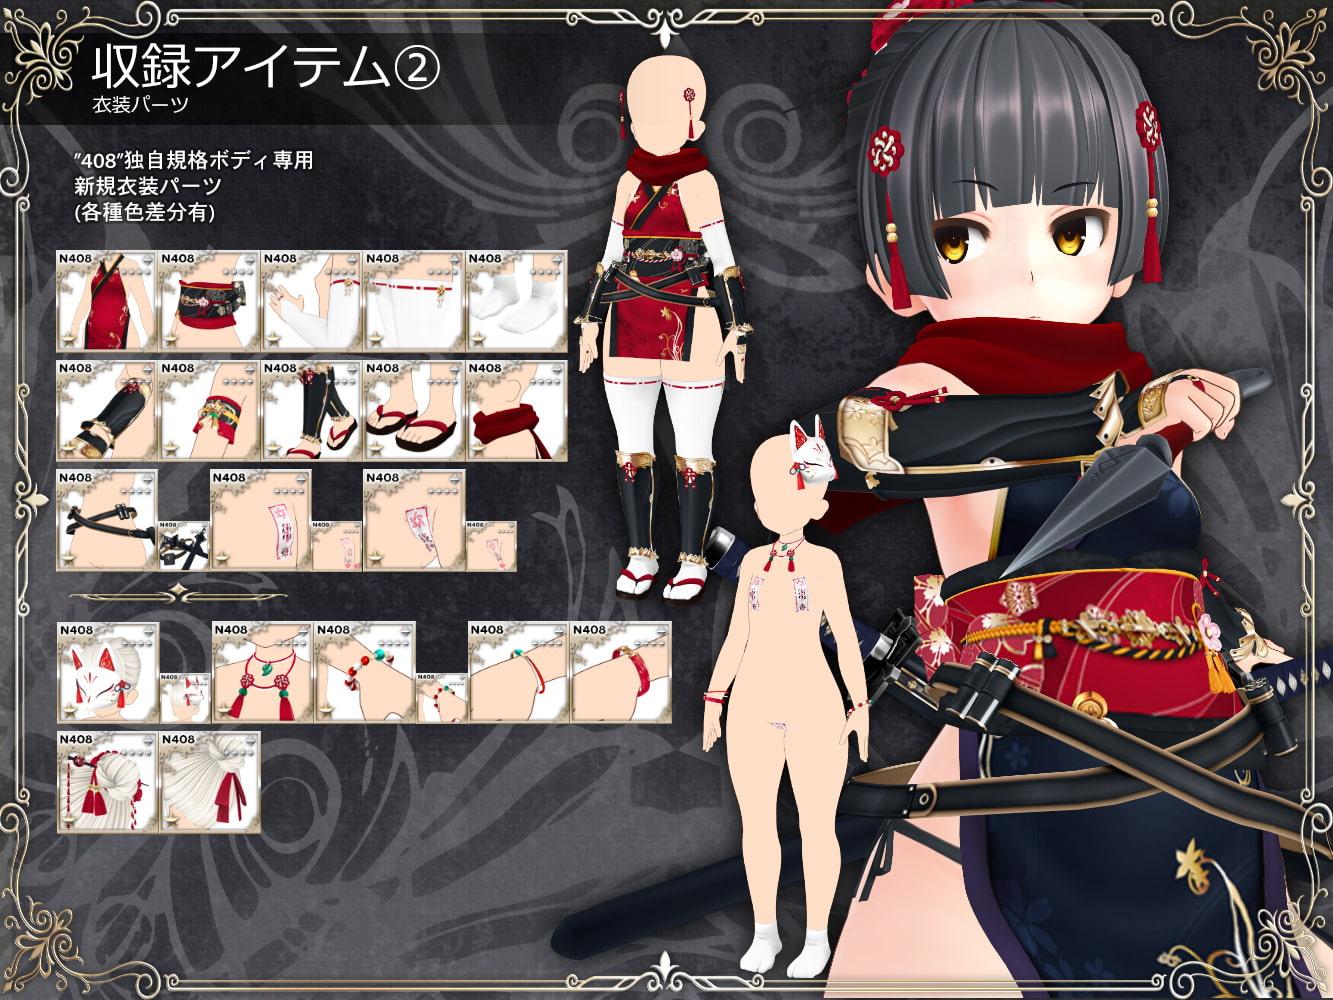 3Dカスタム少女データ集 王立冒険者アカデミー 追加パック08 (408) DLsite提供:同人ゲーム – その他